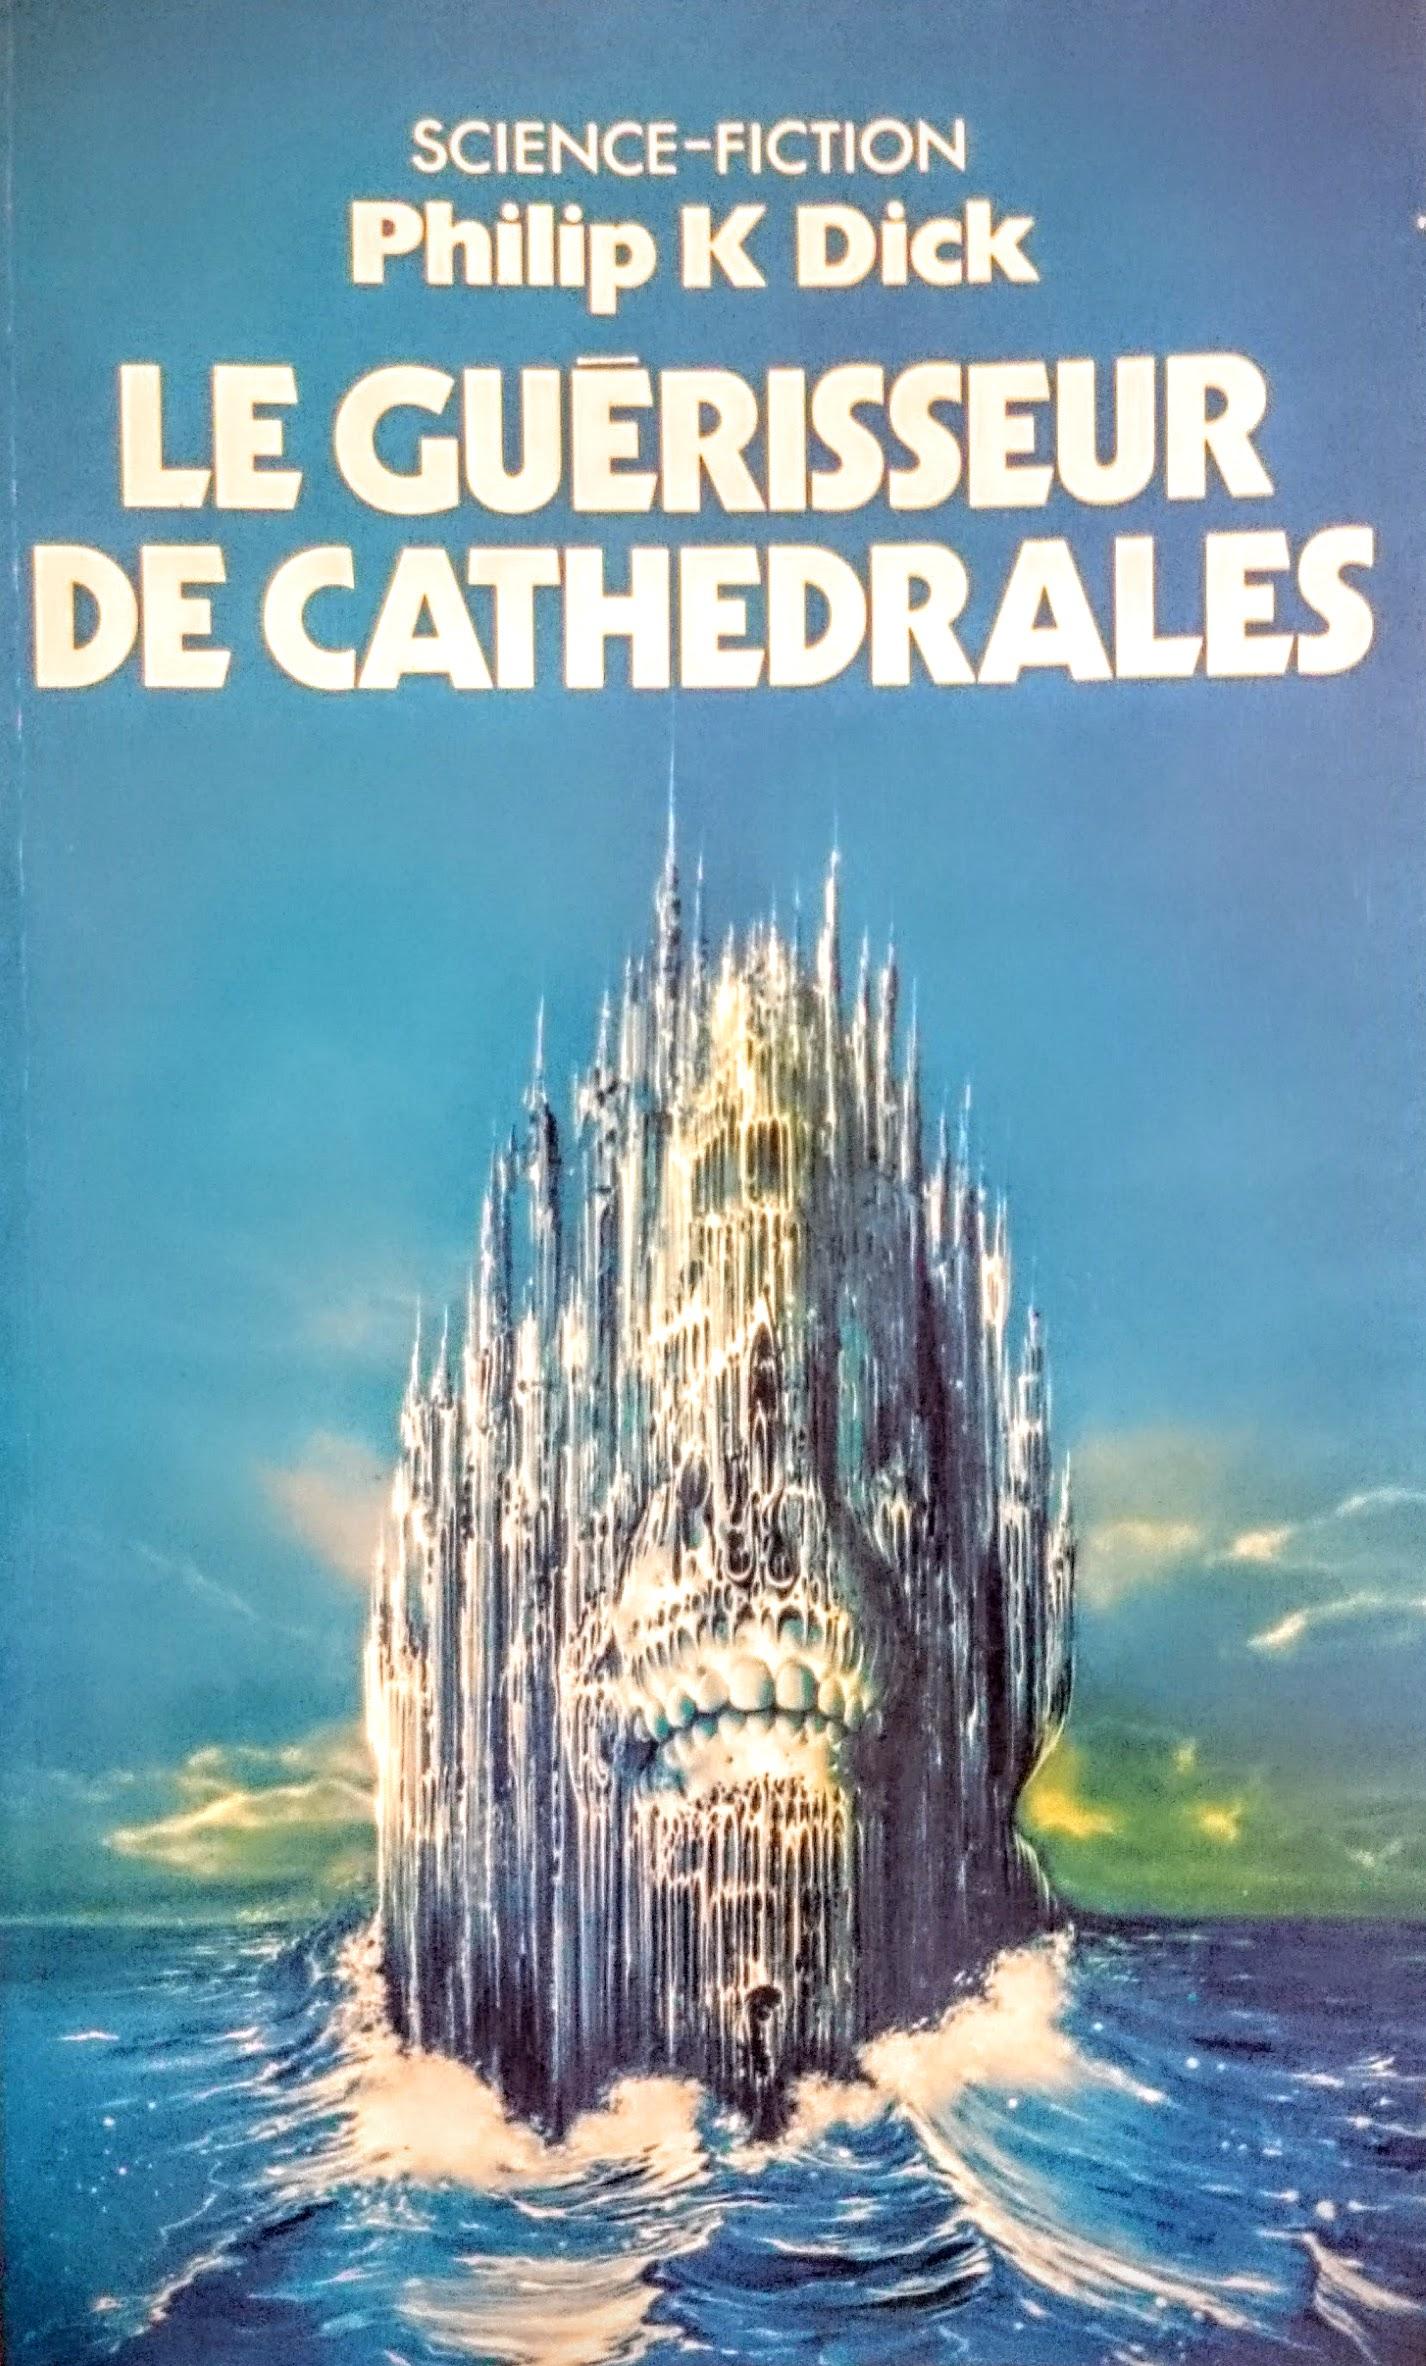 Le guérisseur de cathédrales